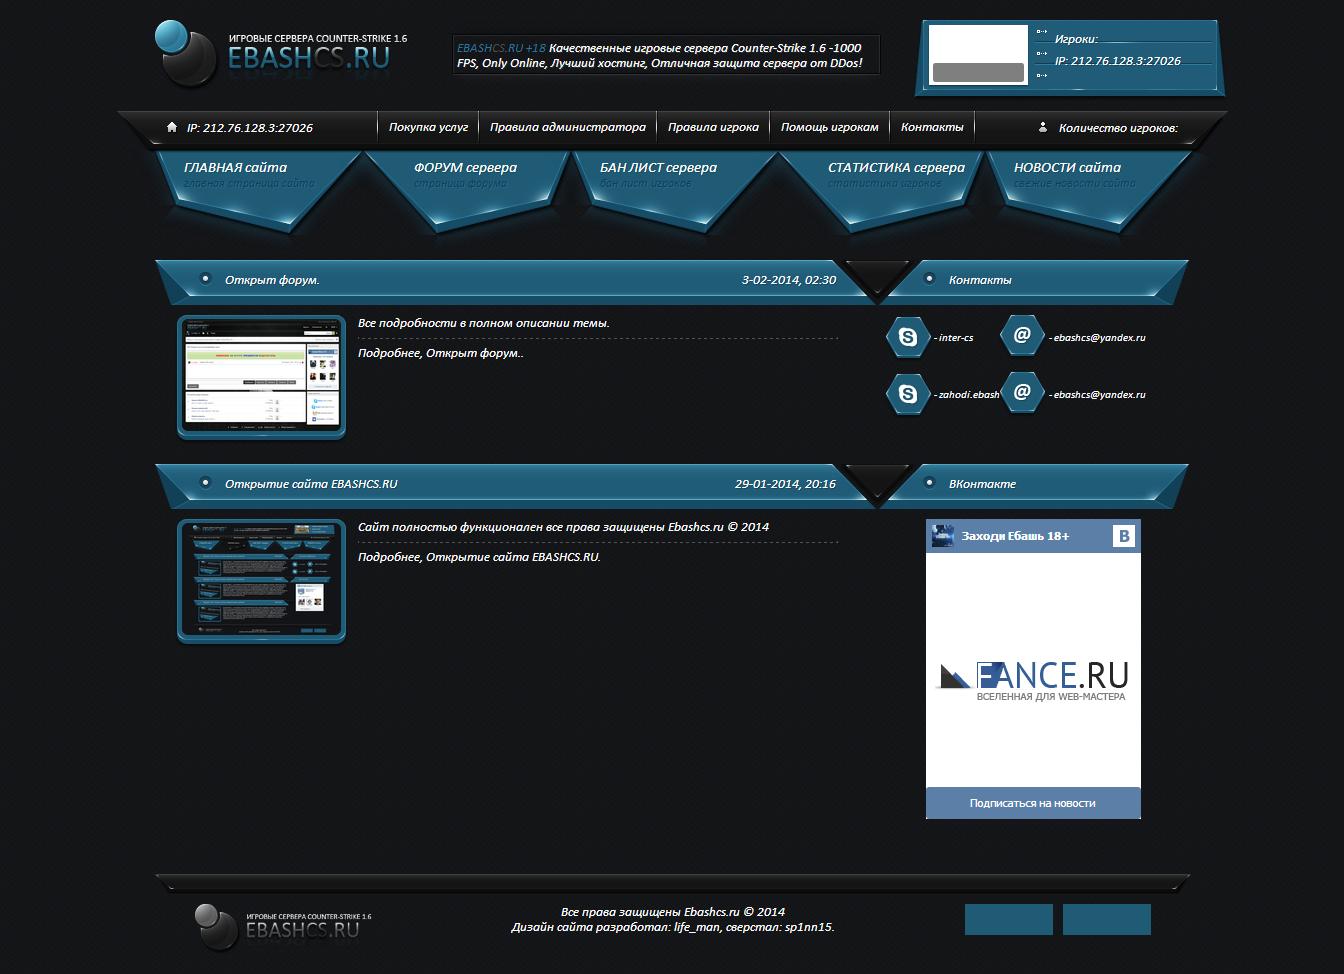 хостинг серверов майнкрафт пробный период